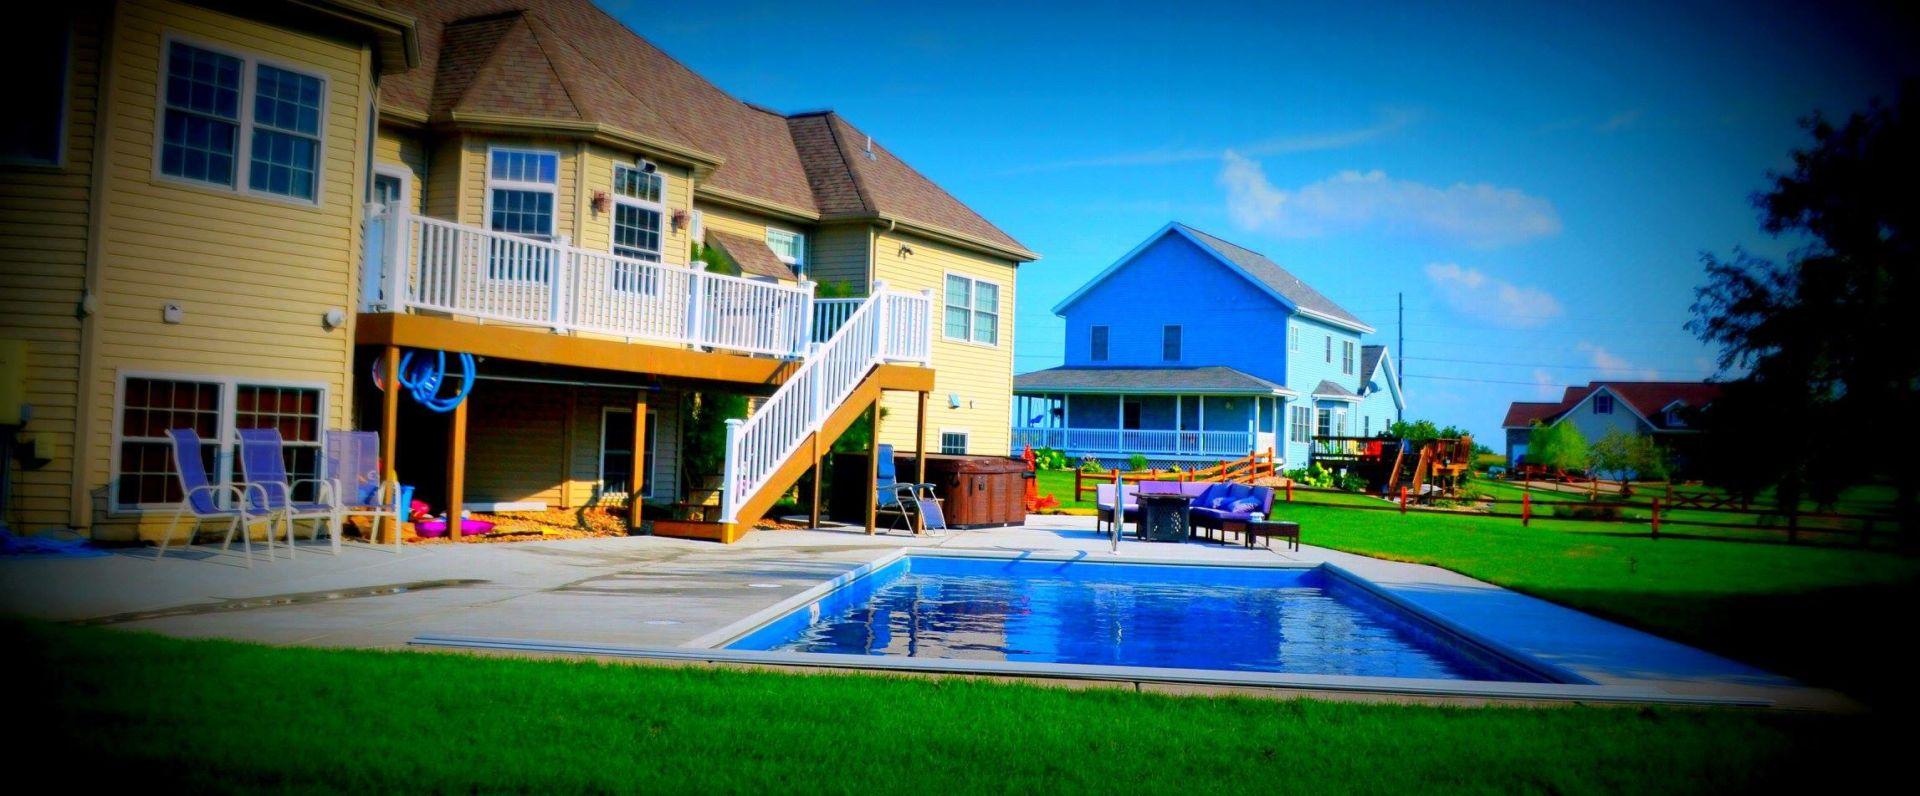 Zenith Fiberglass Pool Sun Prairie Wi Patio Pleasures